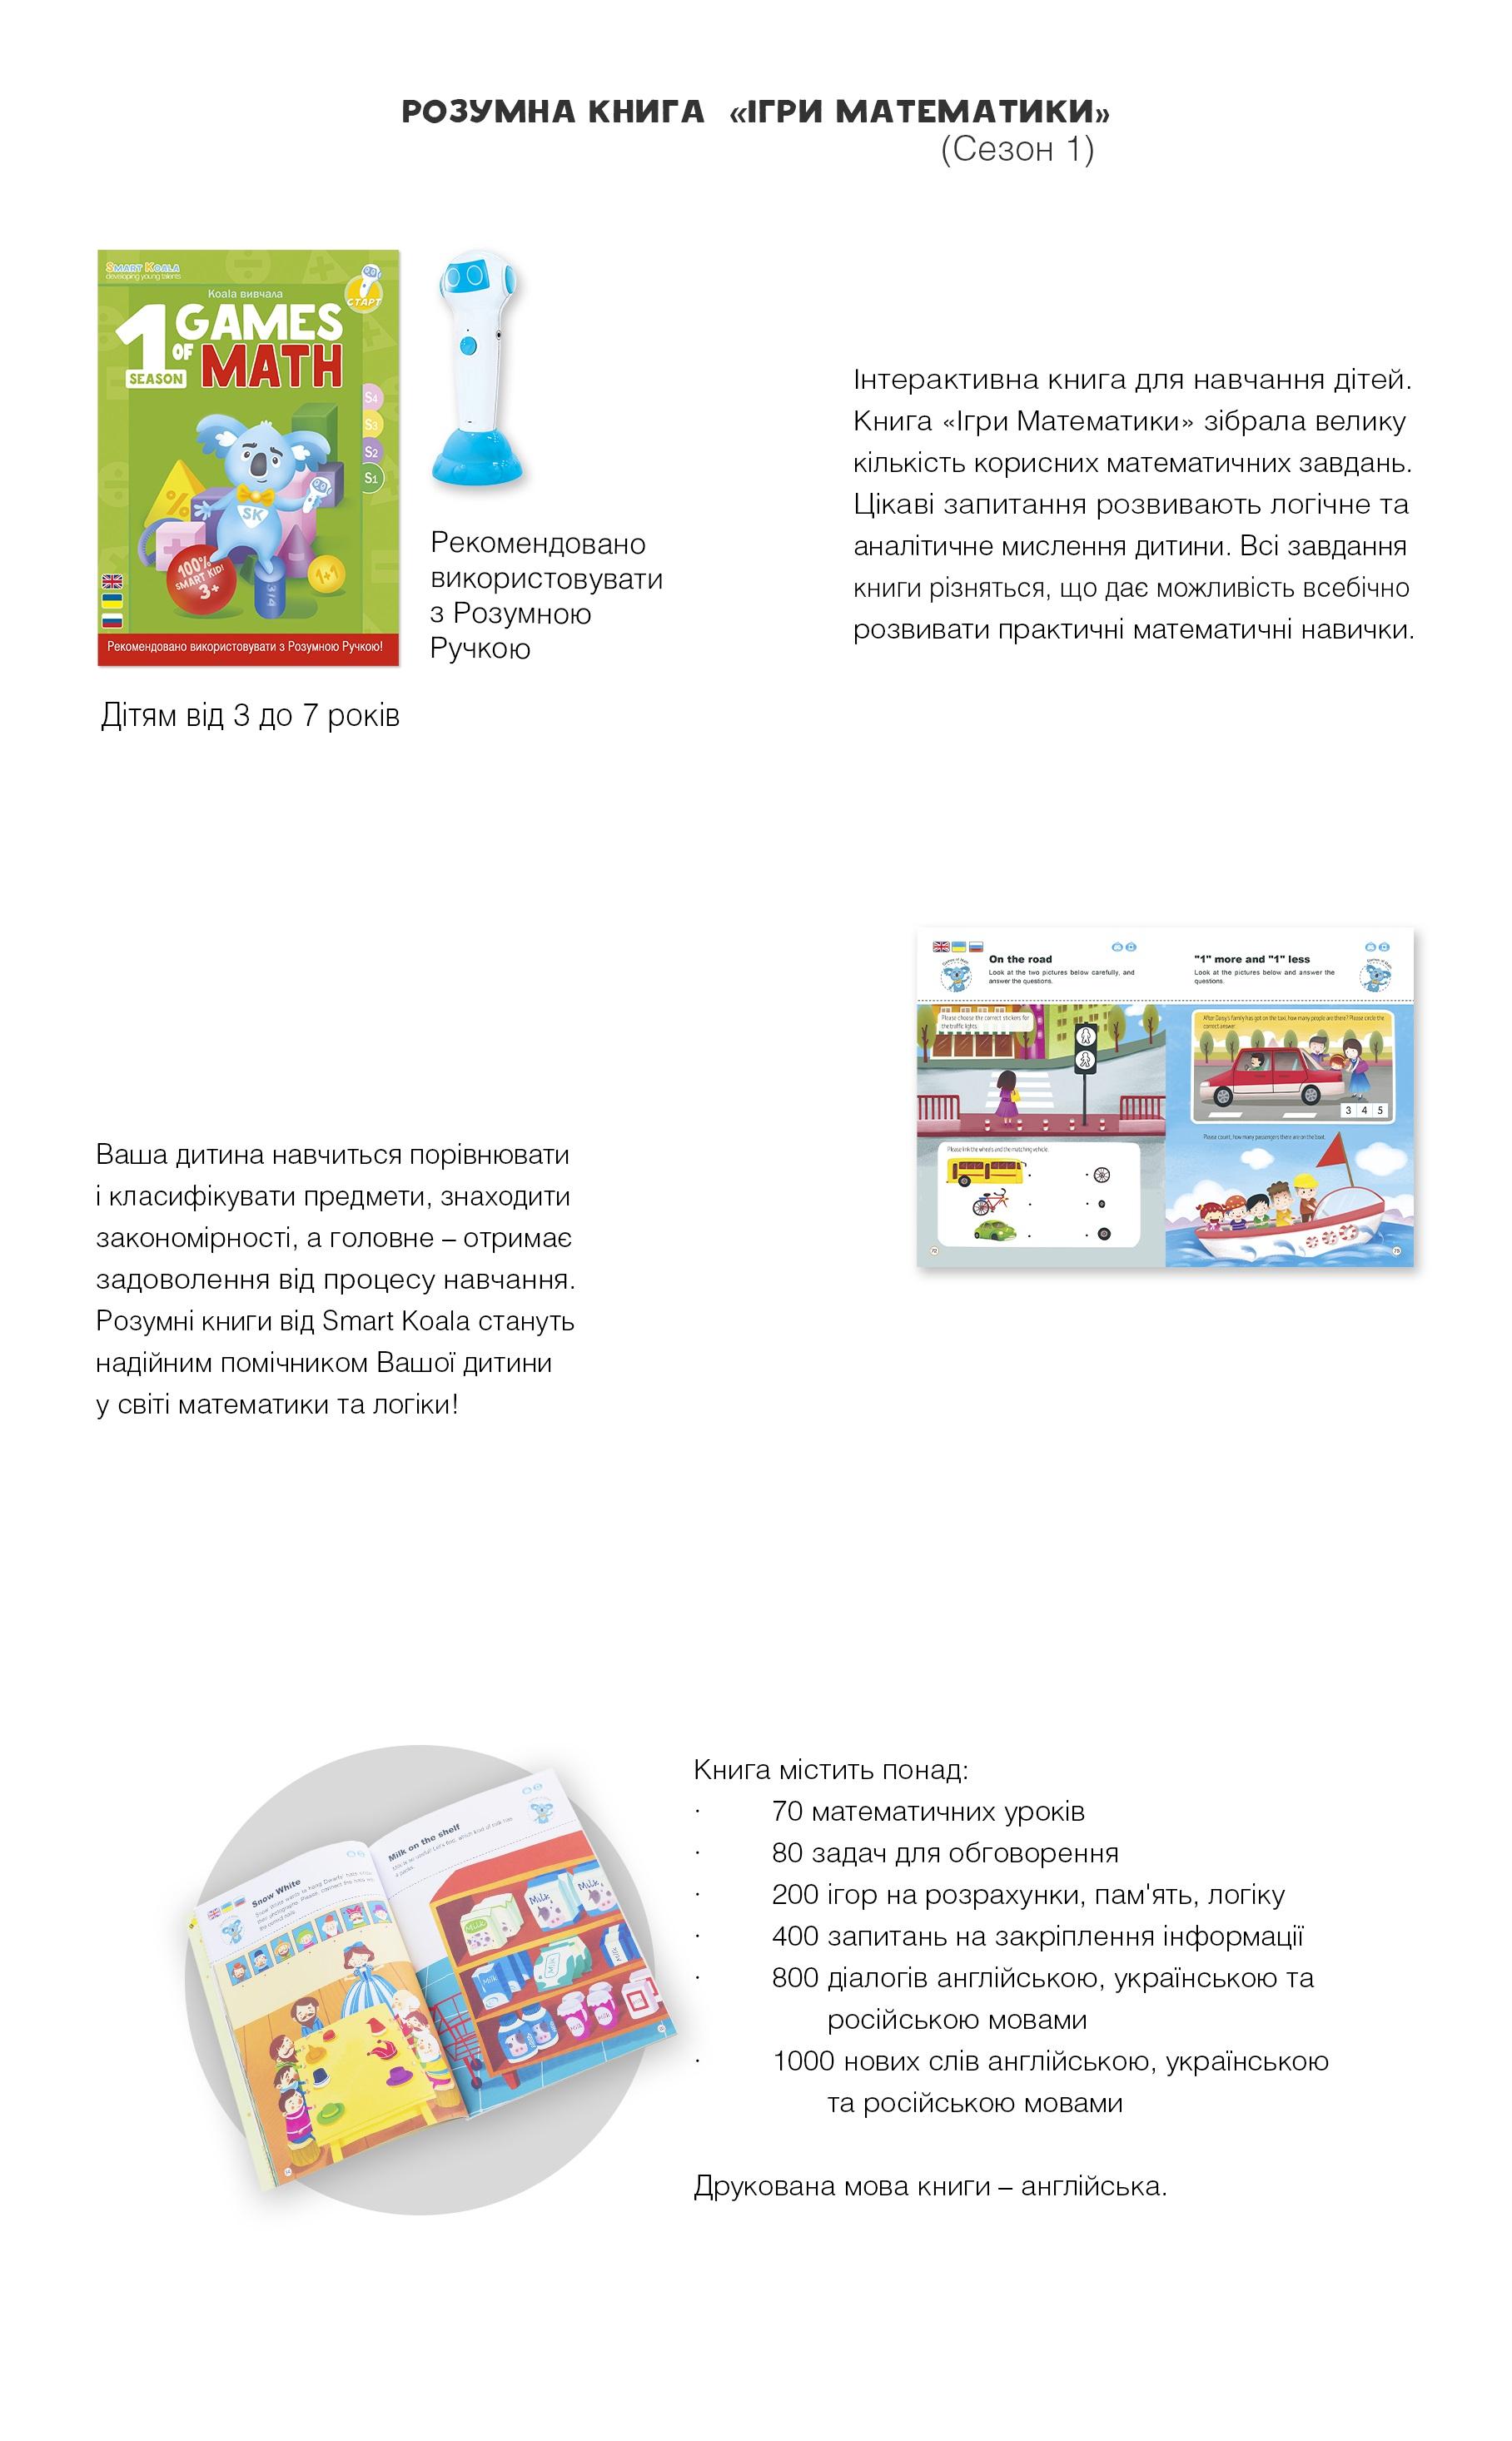 Smart Koala Розумна Книга «Ігри Математики» (Cезон 1)